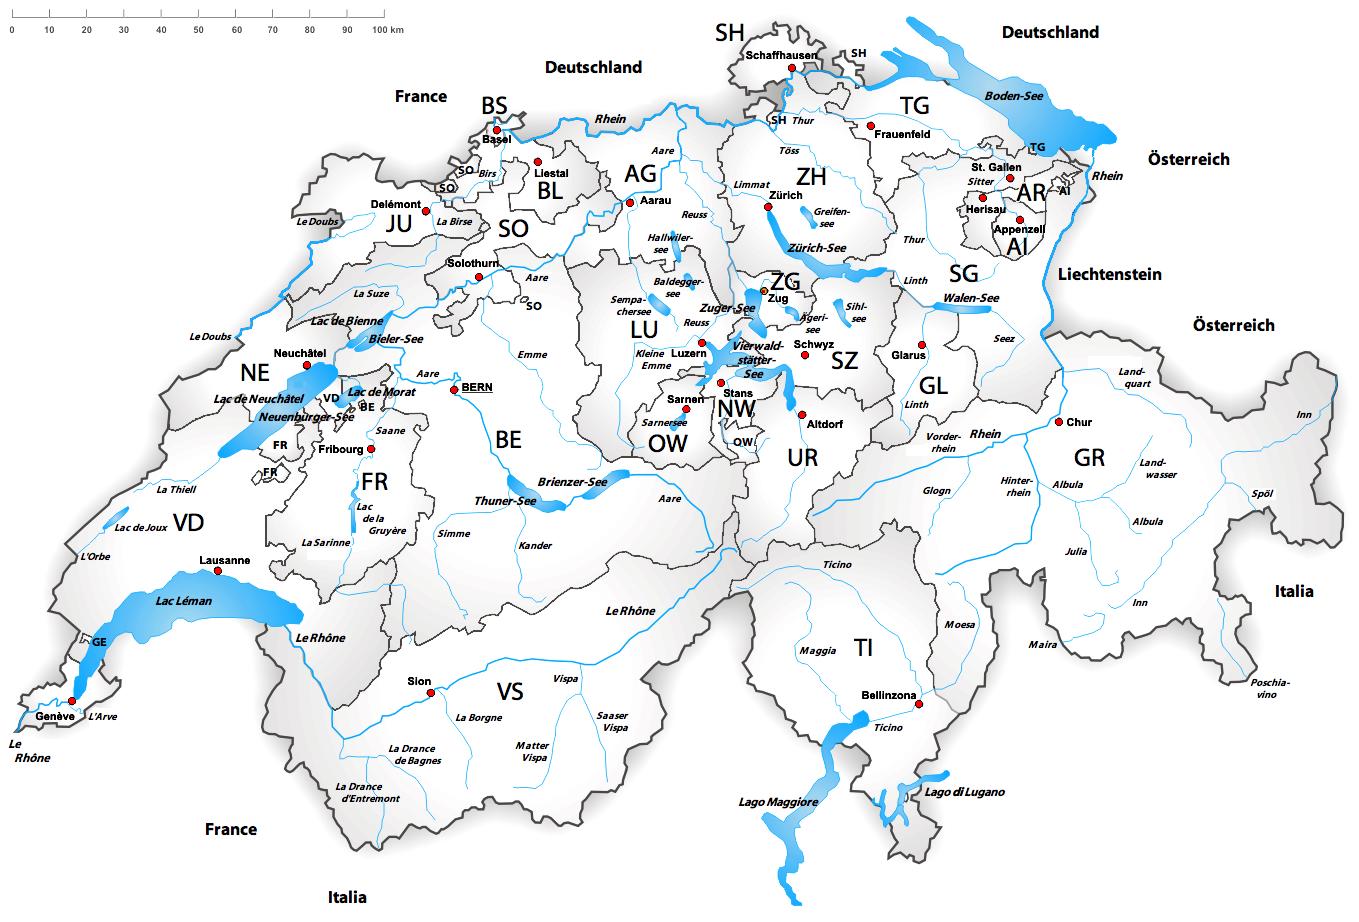 Schweizer Karte | Metro Map | Bus Routes | Metrobus Way Map ...